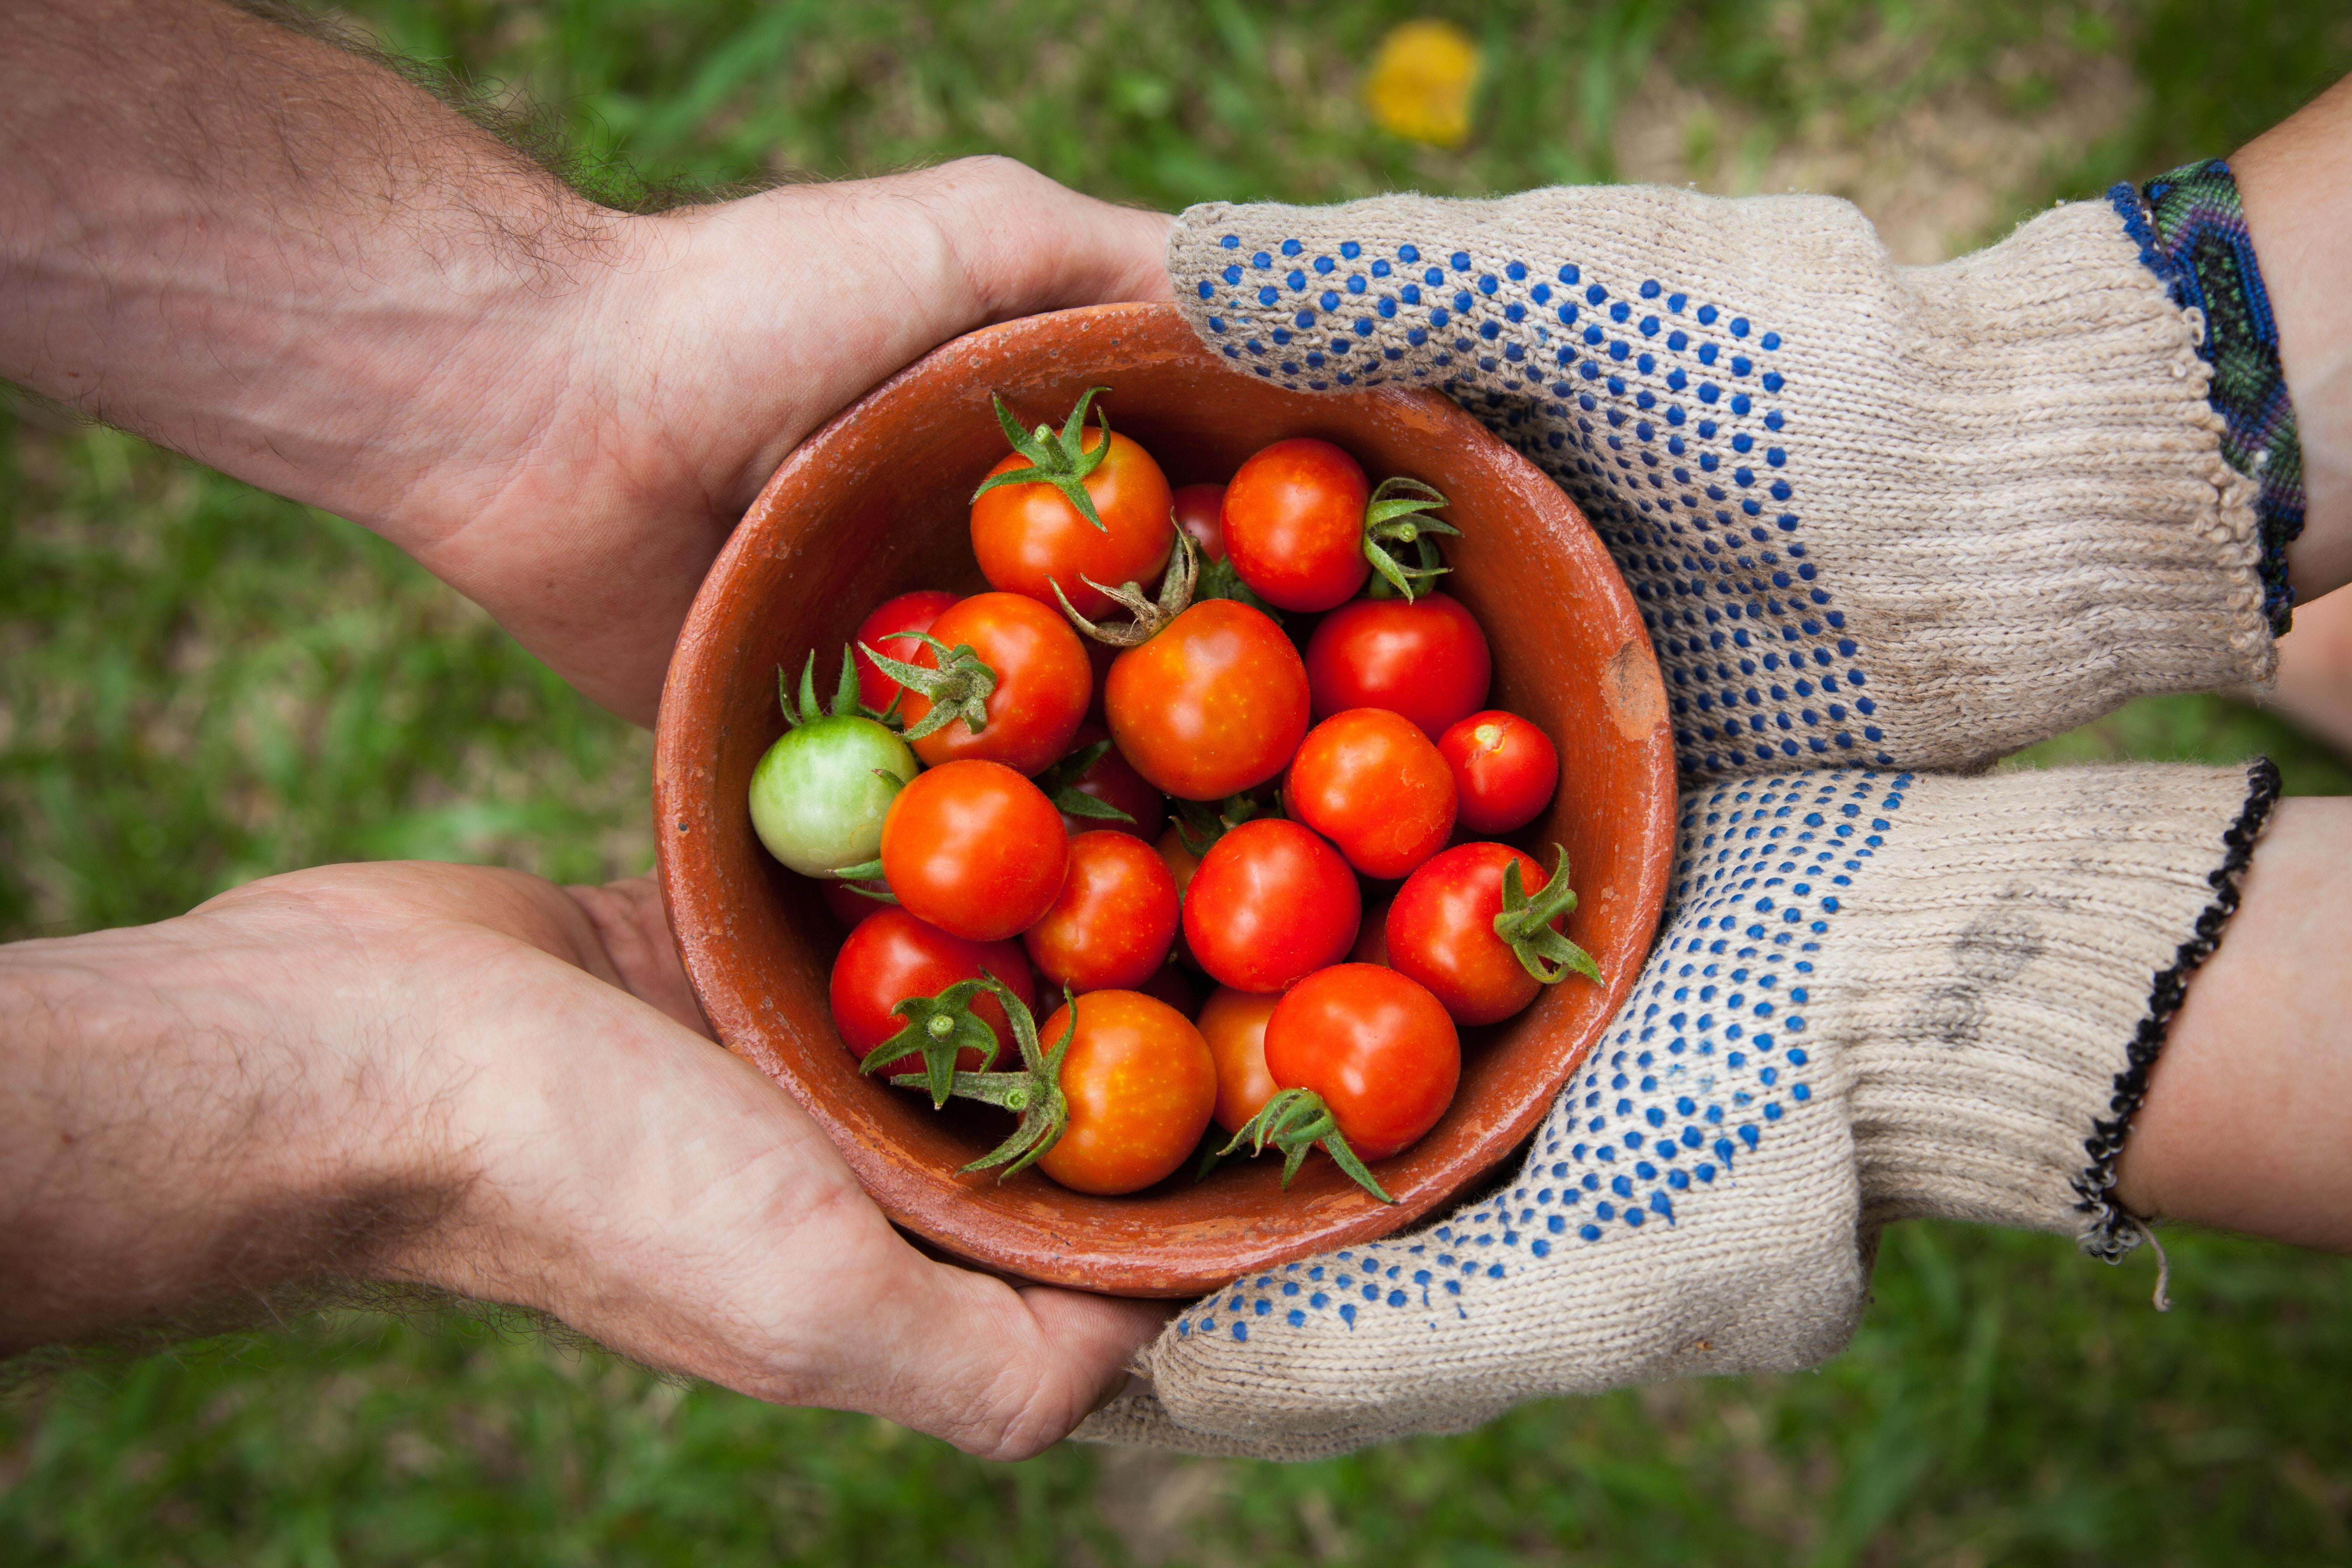 Urban Gardening: Zwei Paar Hände halten eine Tonschüssel mit Tomaten